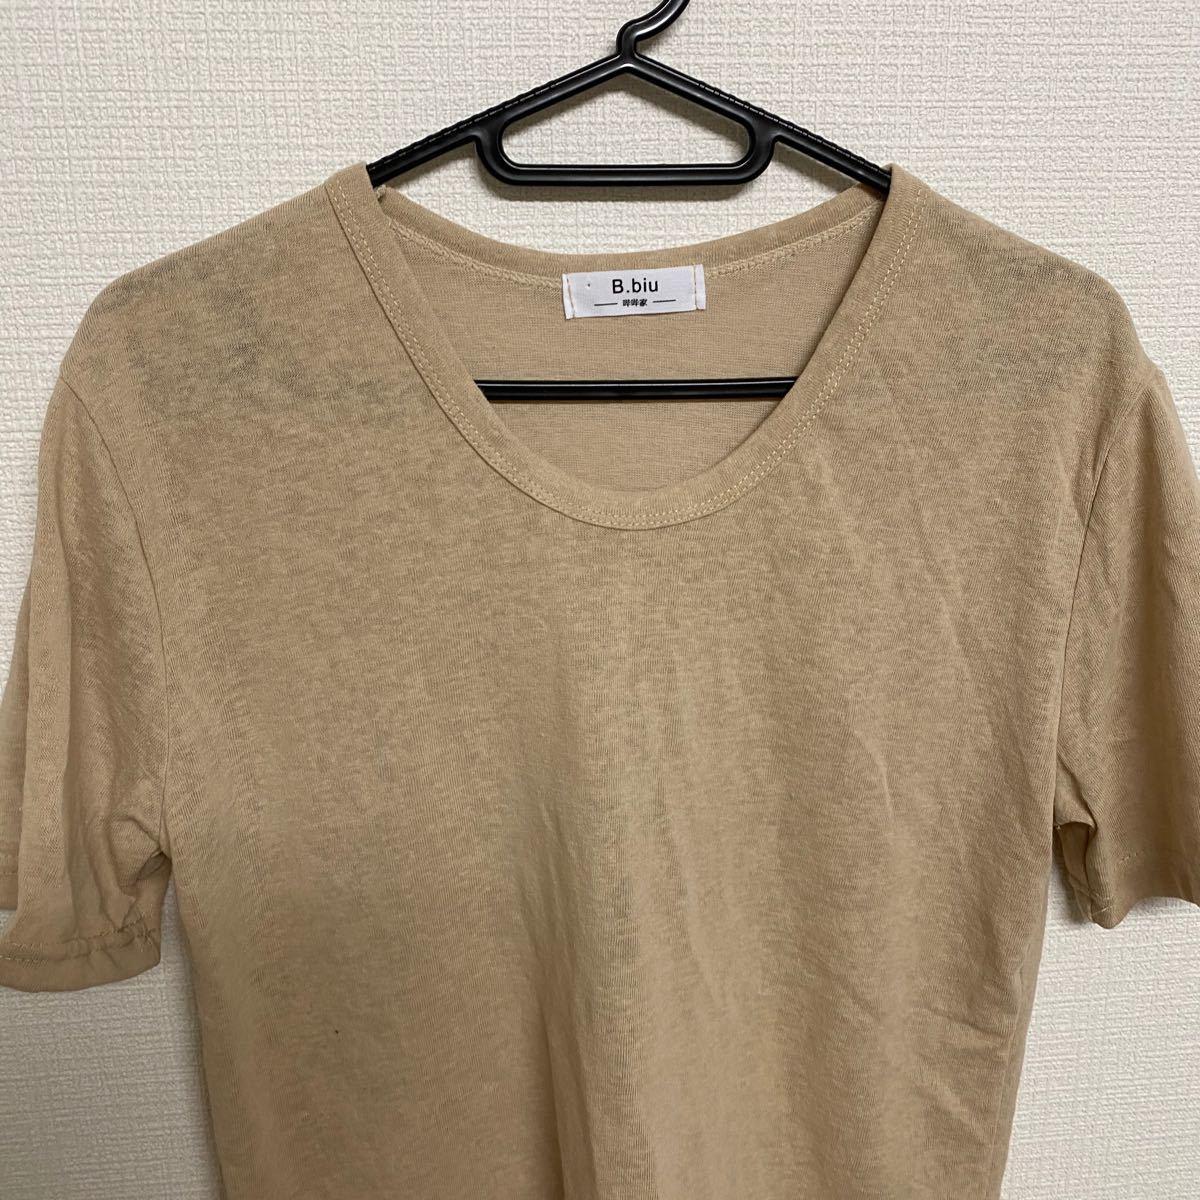 半袖Tシャツ短袖Tシャツ半袖/スパンコールT-shirt ティシャツベージュ